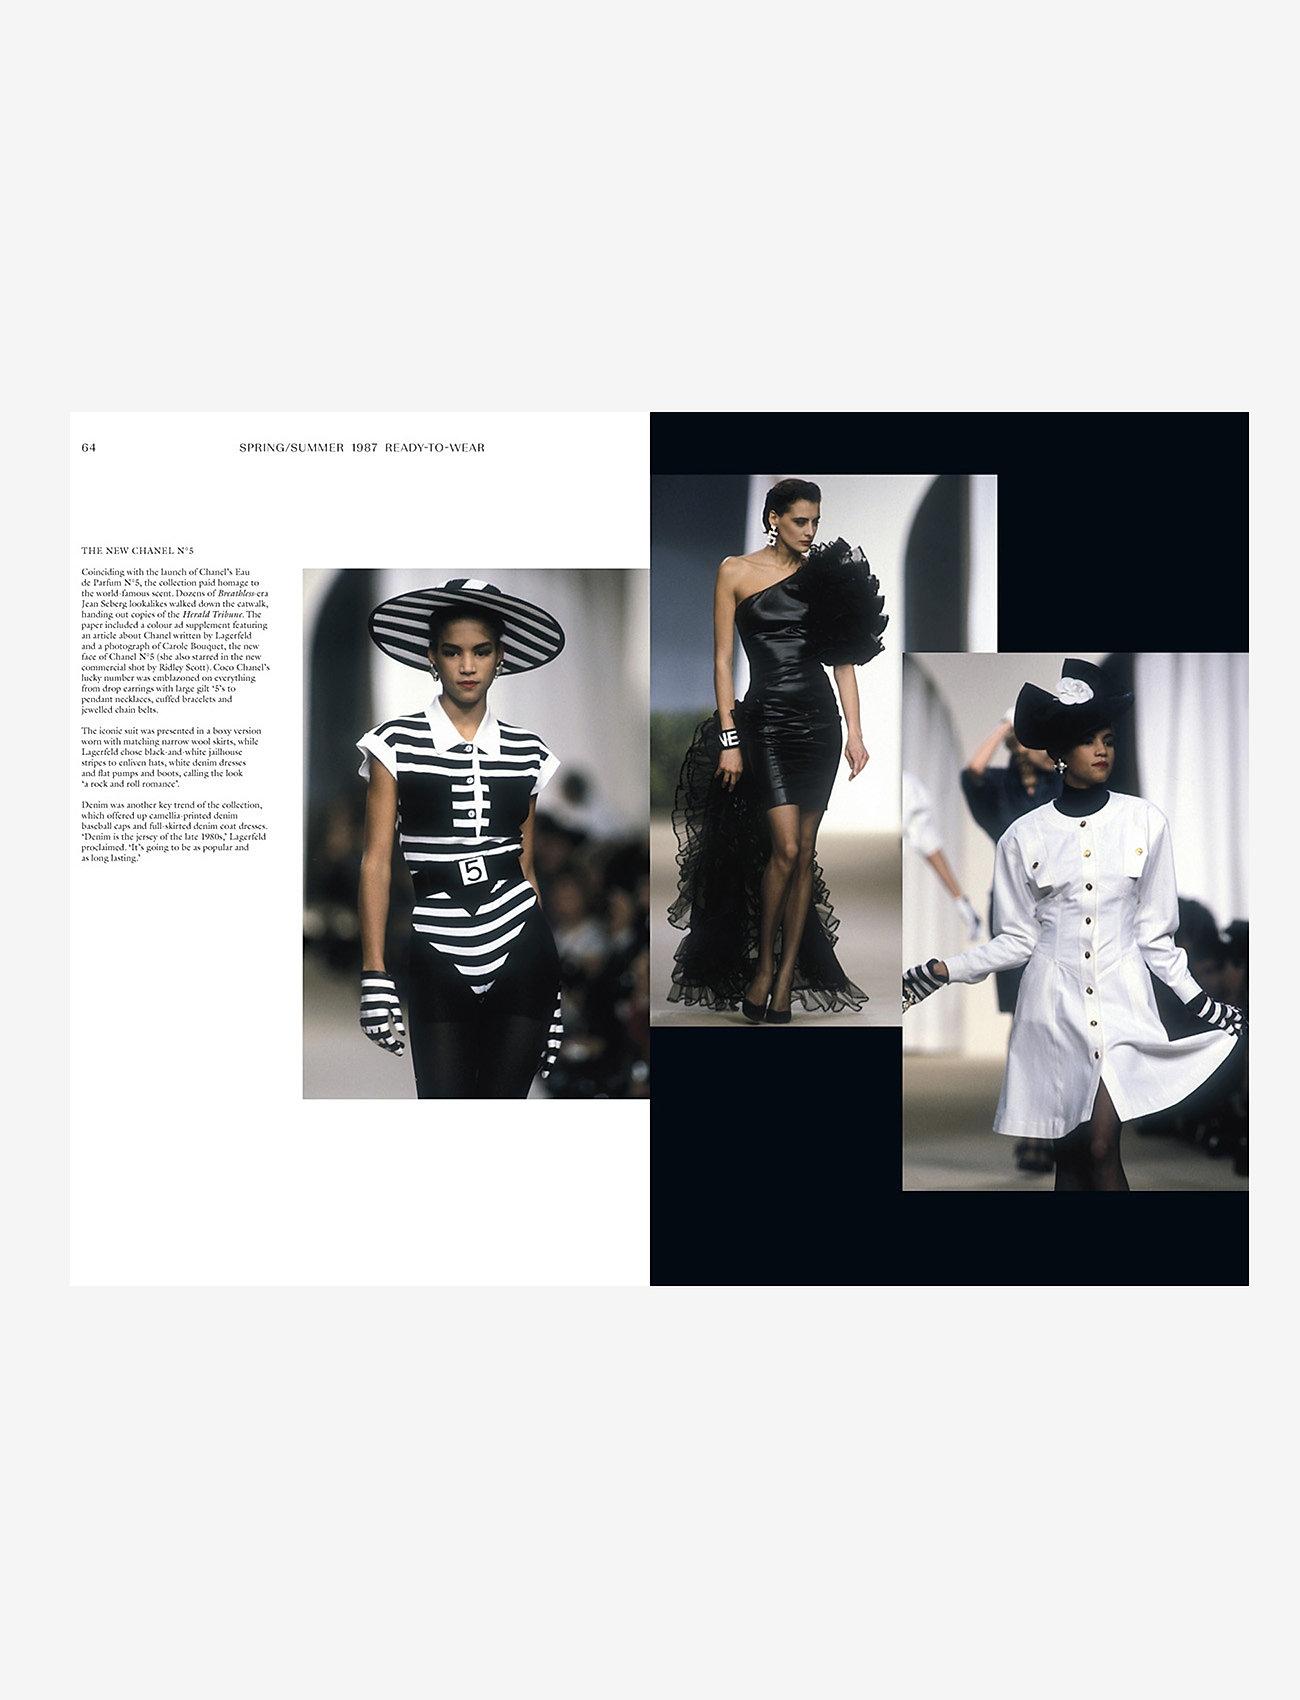 New Mags - Chanel Catwalk - shop etter pris - black - 2